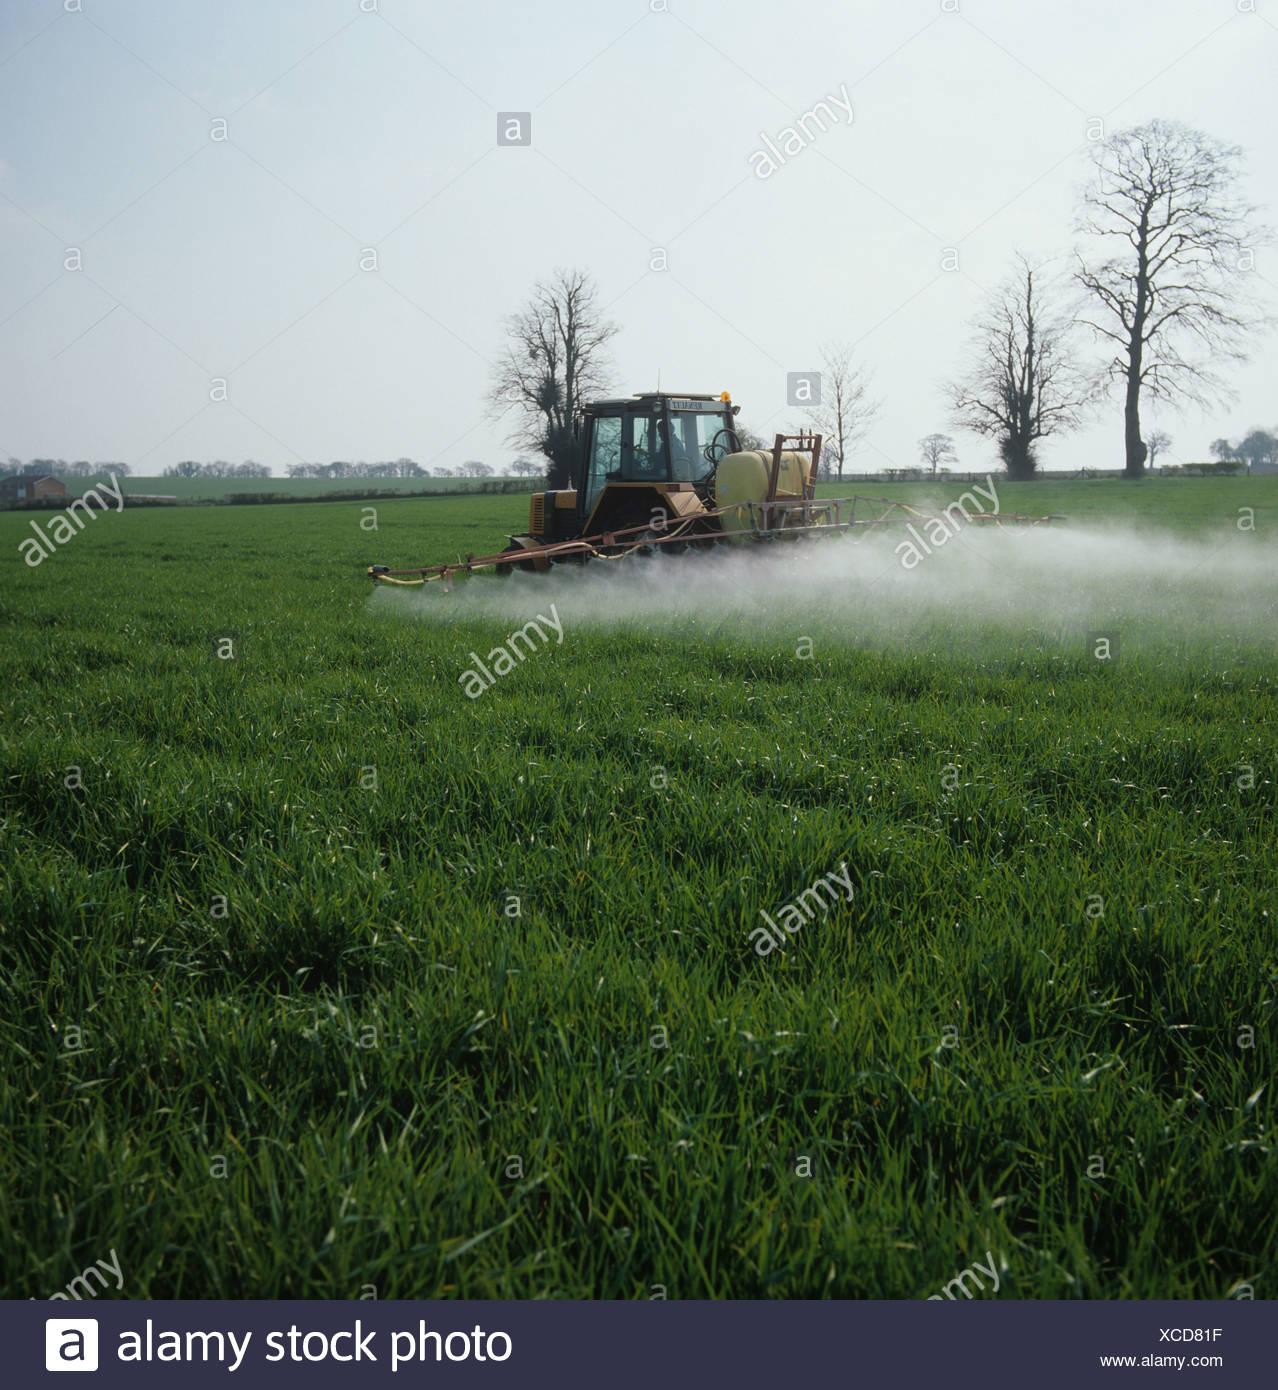 Spray sentado en la parte superior de un joven cosecha de cebada después de que el tractor y el remolque en una mañana Imagen De Stock